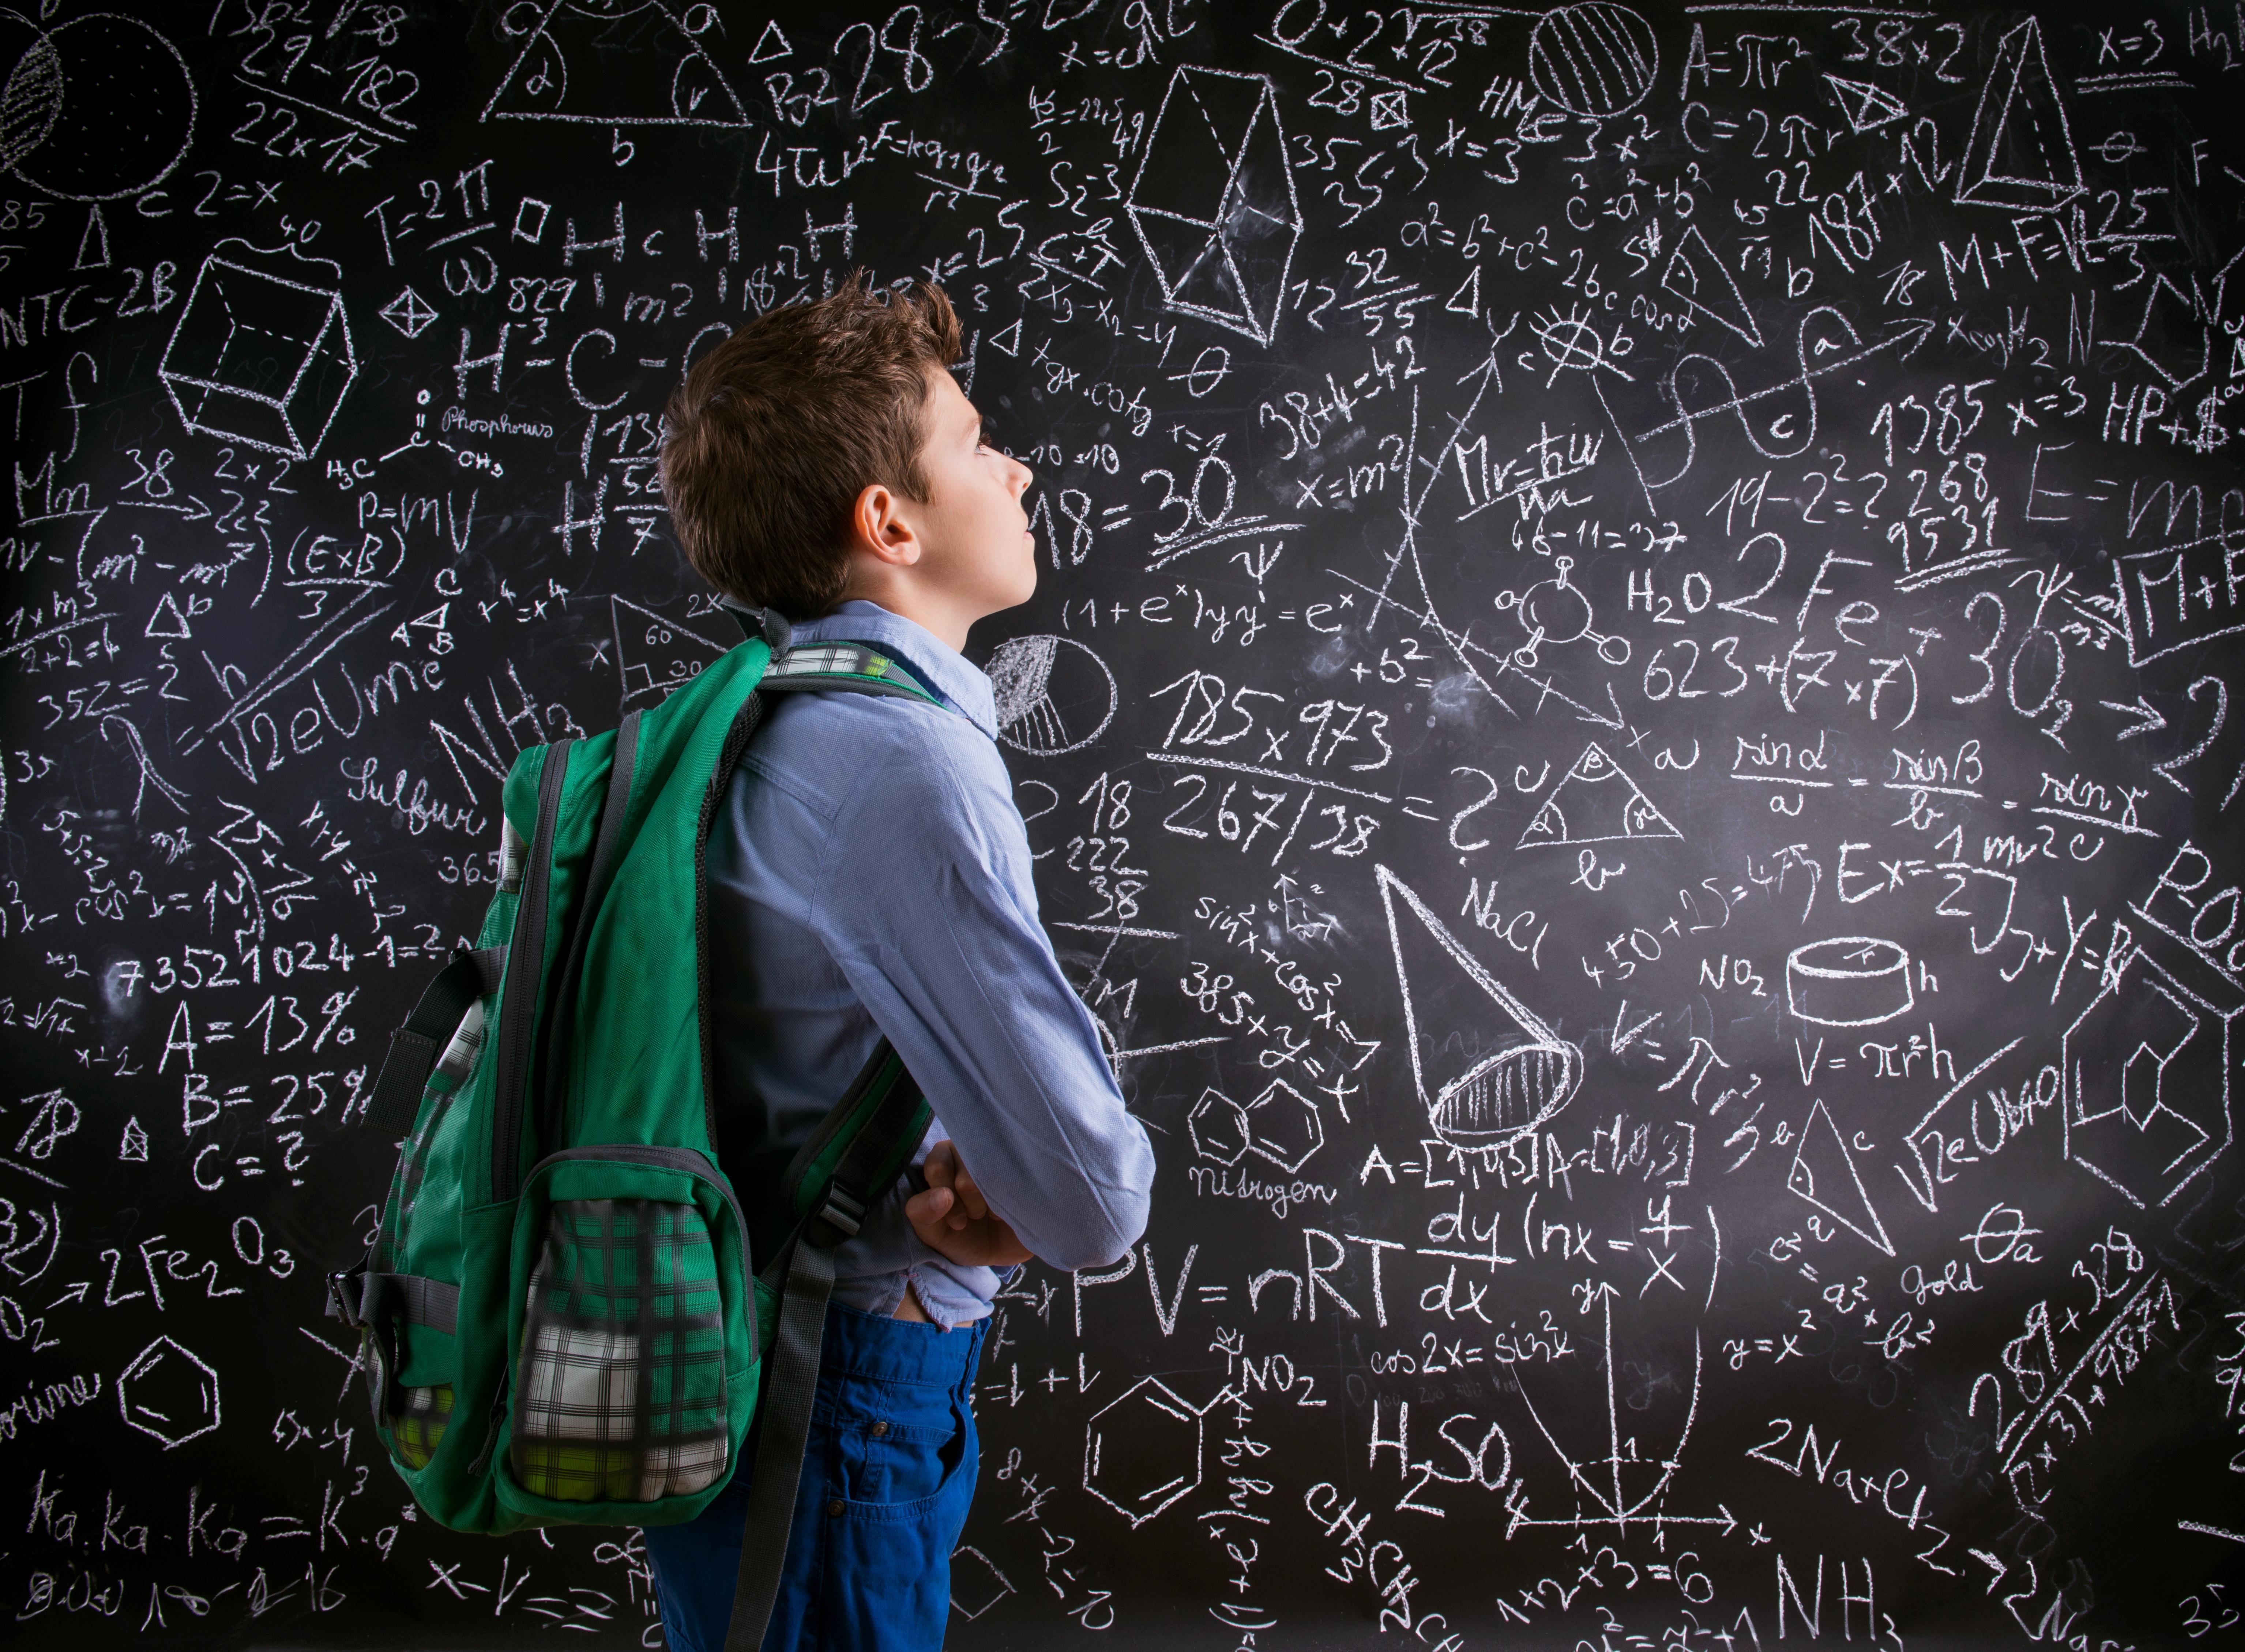 Boy  with schoolbag against big blackboard with mathematical sym